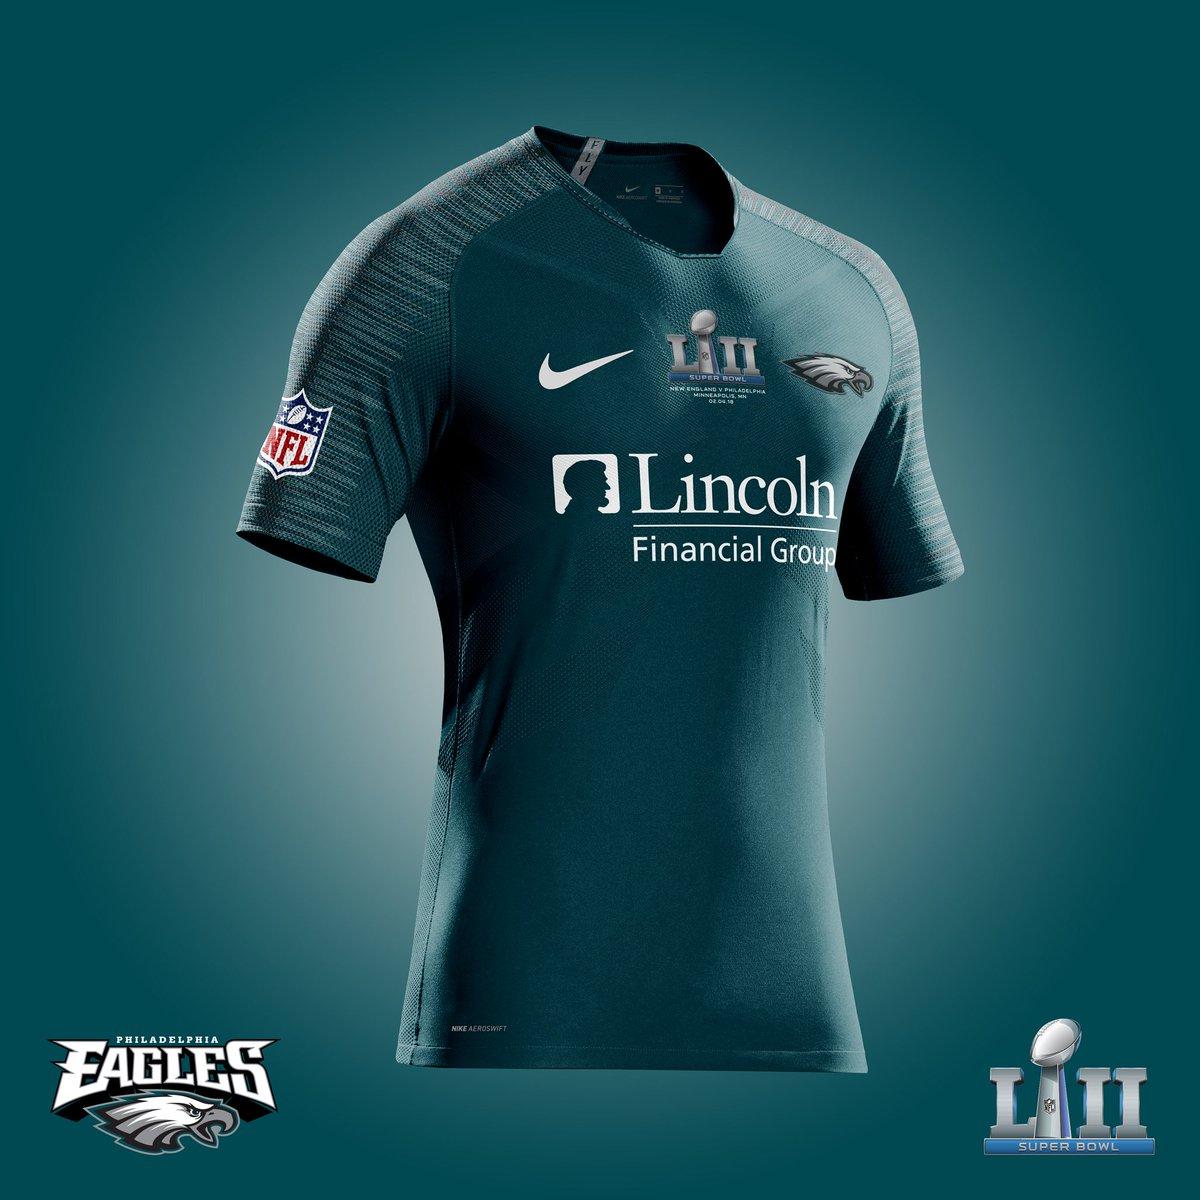 fed8ecc94ae77 Designer cria camisas de futebol para os finalistas do Super Bowl ...